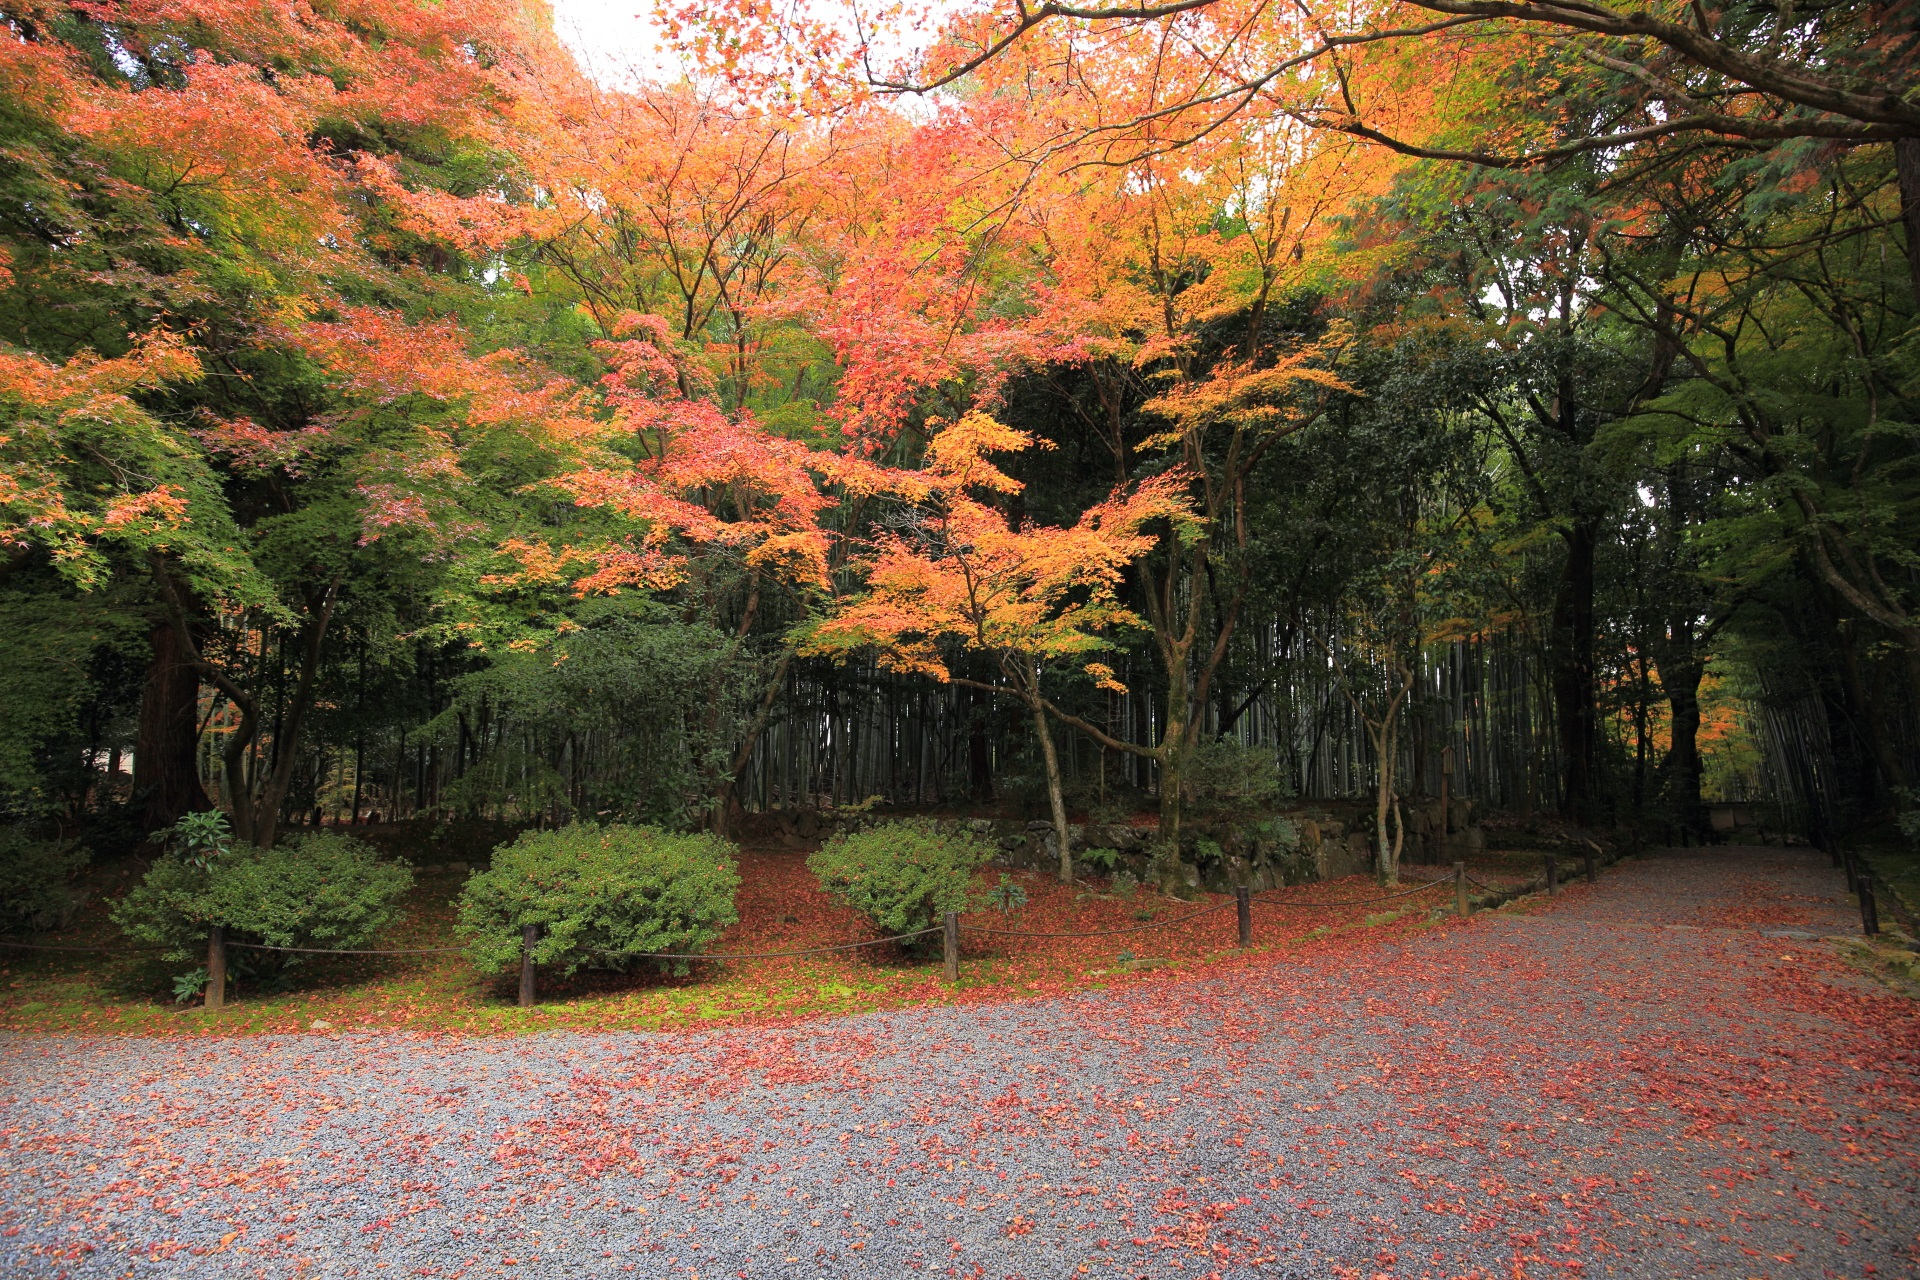 地蔵院の深い緑の竹と柔らかな紅葉の情緒ある秋の風景